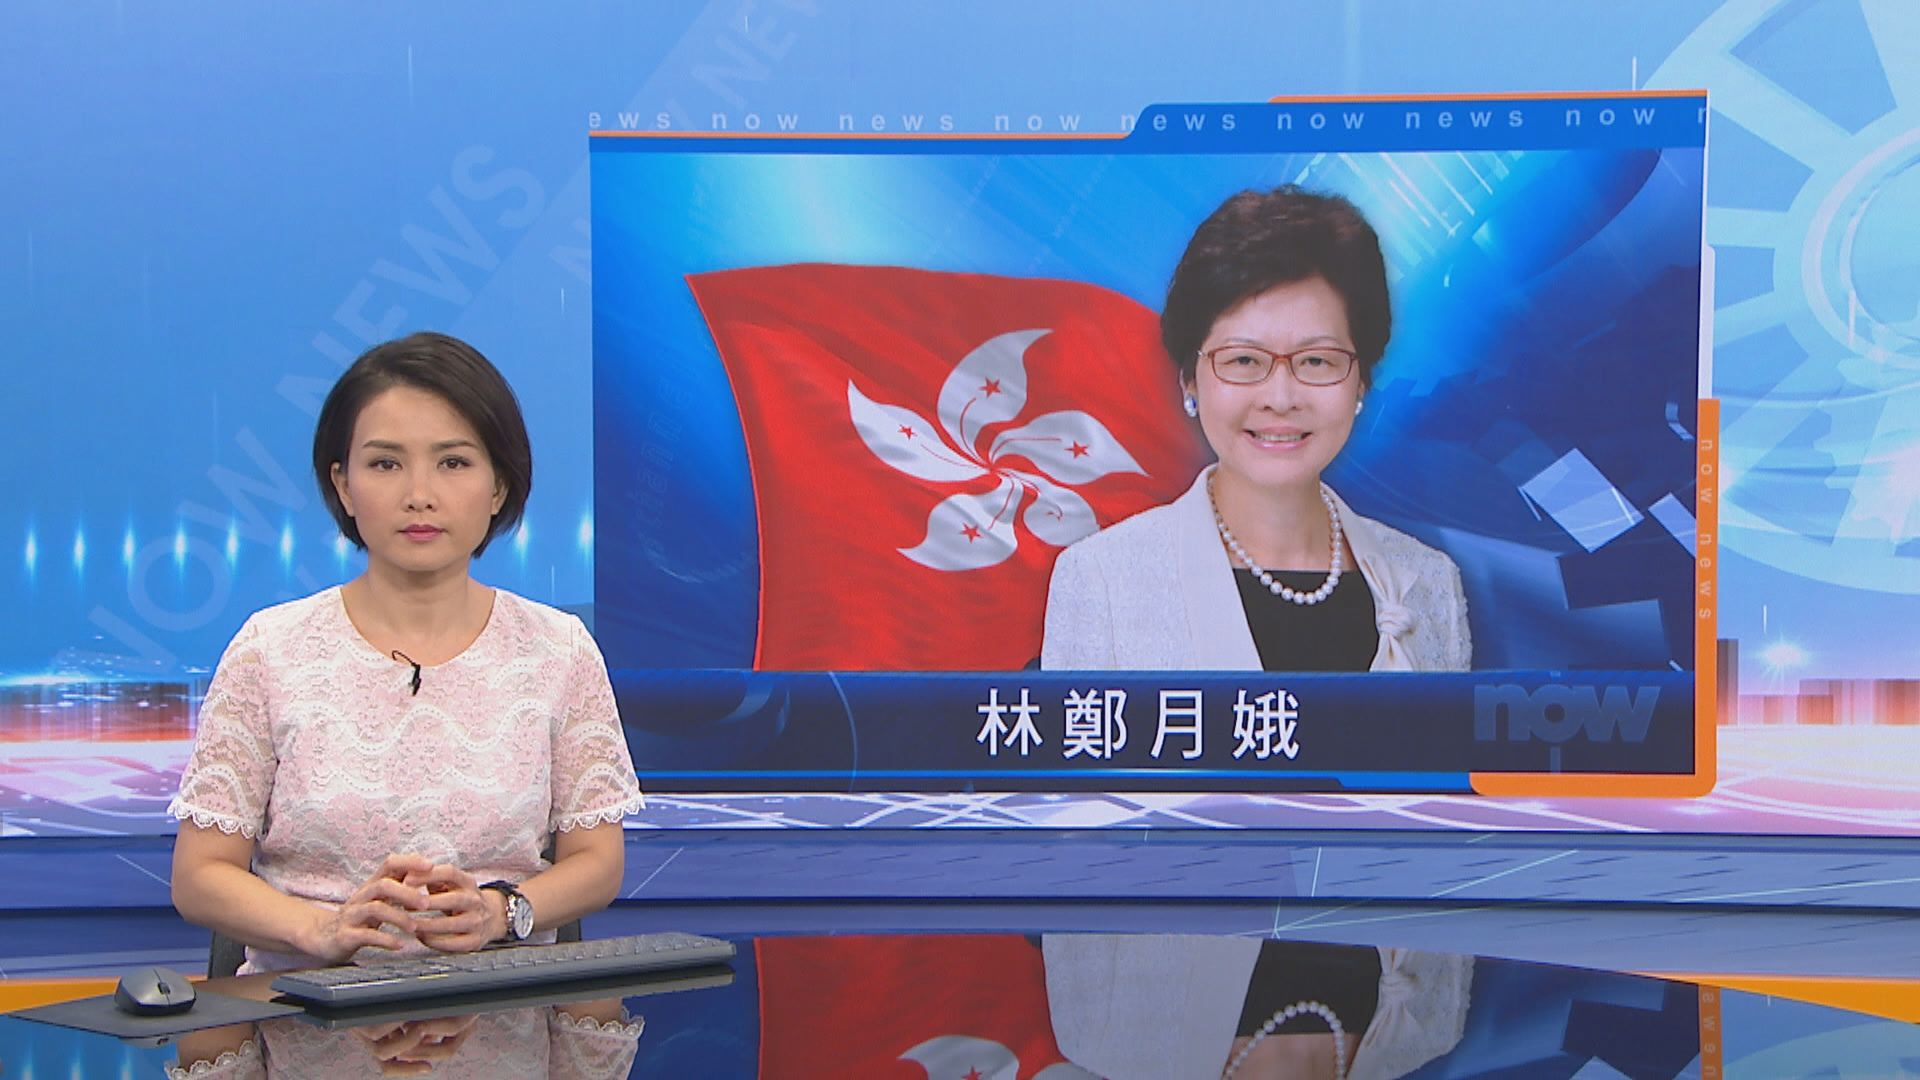 香港民研:林鄭月娥民望再創新低 支持率淨值負59個百分點